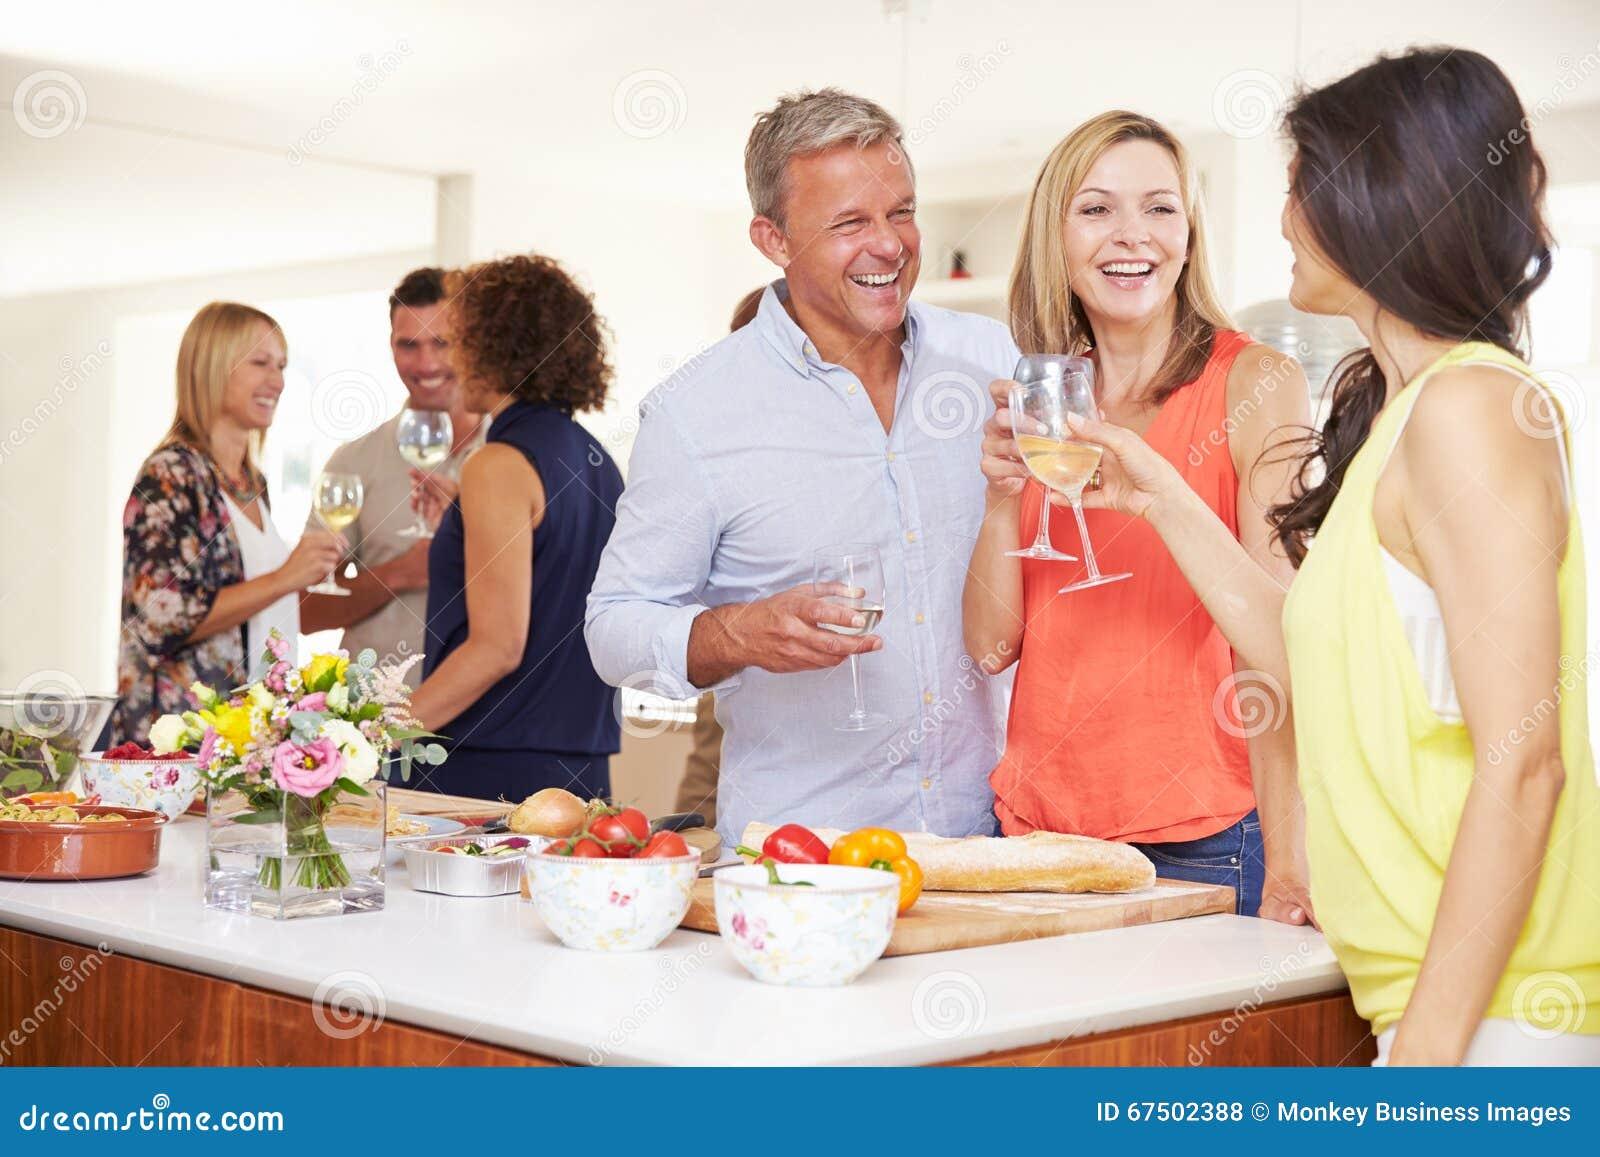 Ώριμοι φιλοξενούμενοι που καλωσορίζονται στο κόμμα γευμάτων από τους φίλους